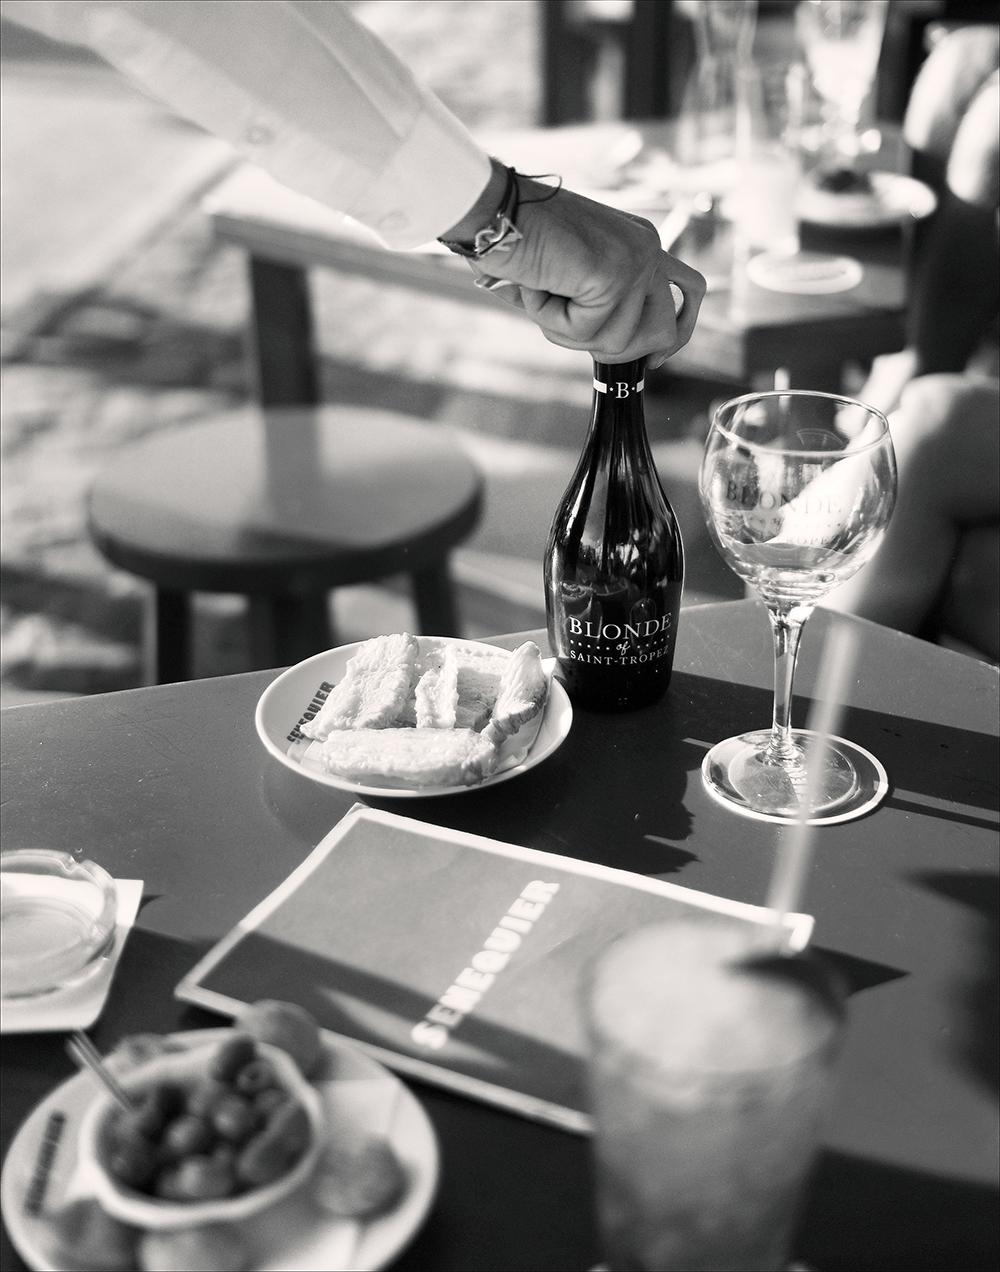 Blumig-frisch im Geschmack passt das Getränk zum Apéro und schmeckt köstlich zu Burger, Tintenfisch sowie weiteren Speisen.